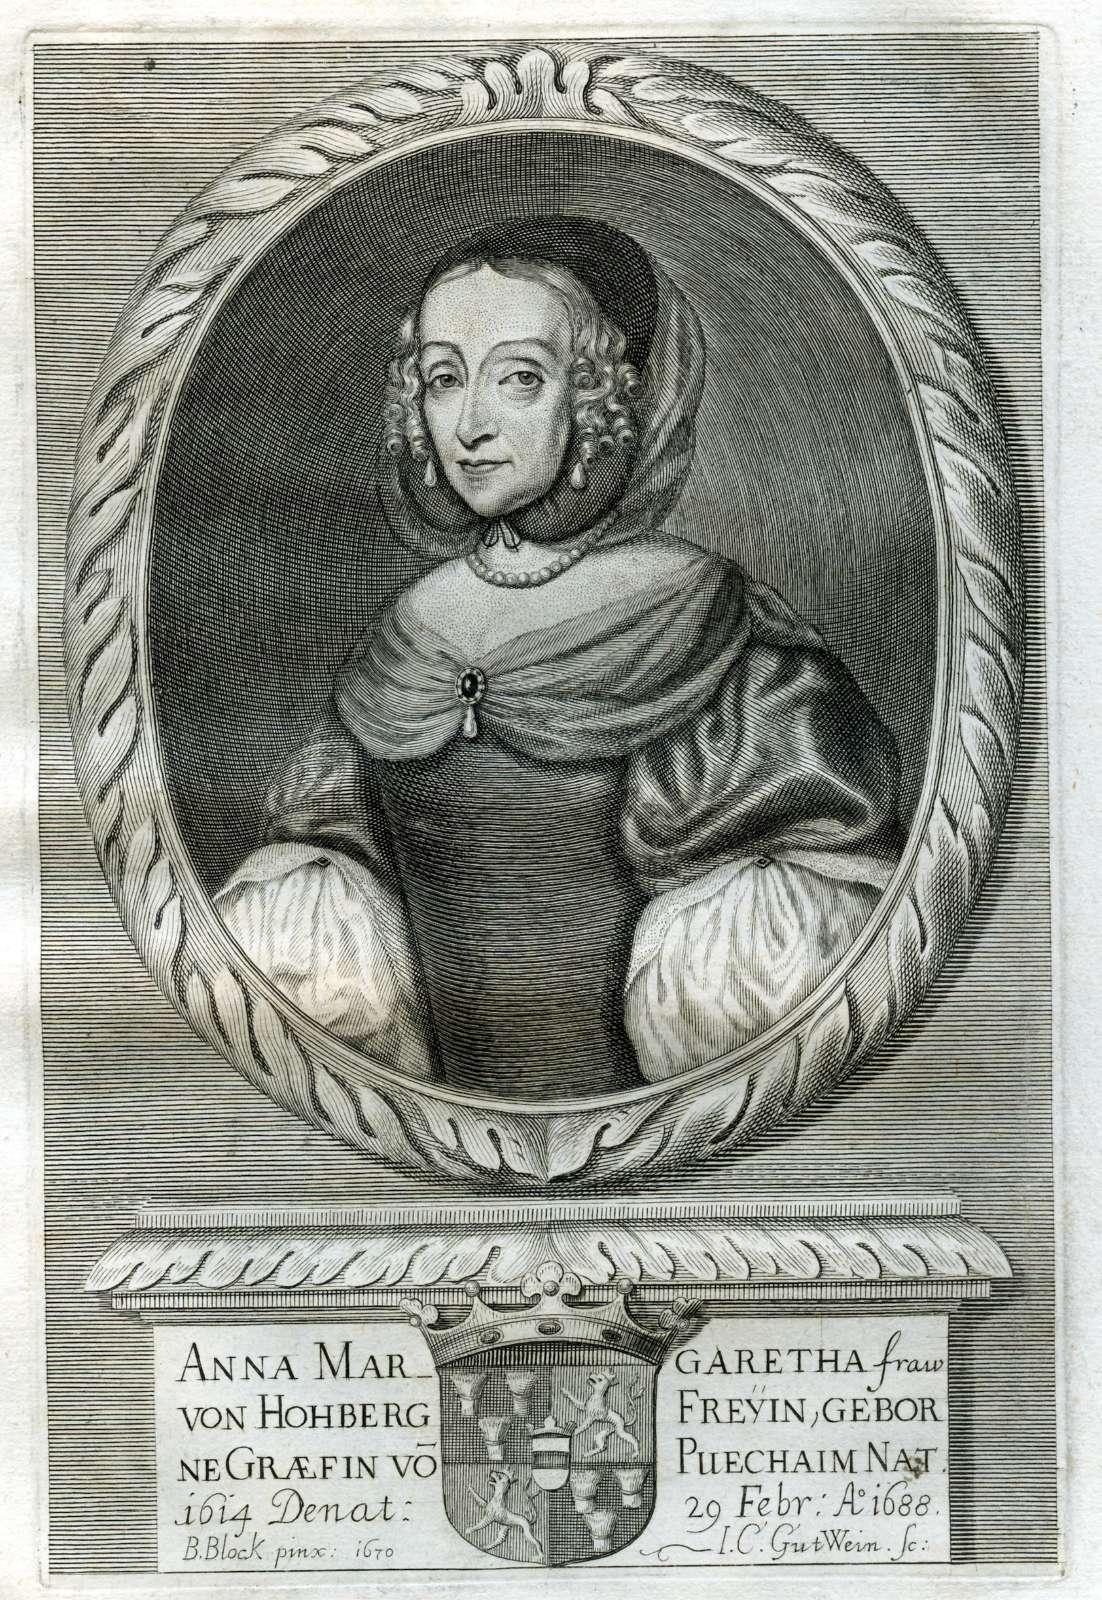 Leichenpredigten zu Mitgliedern der Familien Hofstetter, von Hocheck zu Vilseck, von Hohberg, Hoffmann Hösch und Hörner, Bild 2